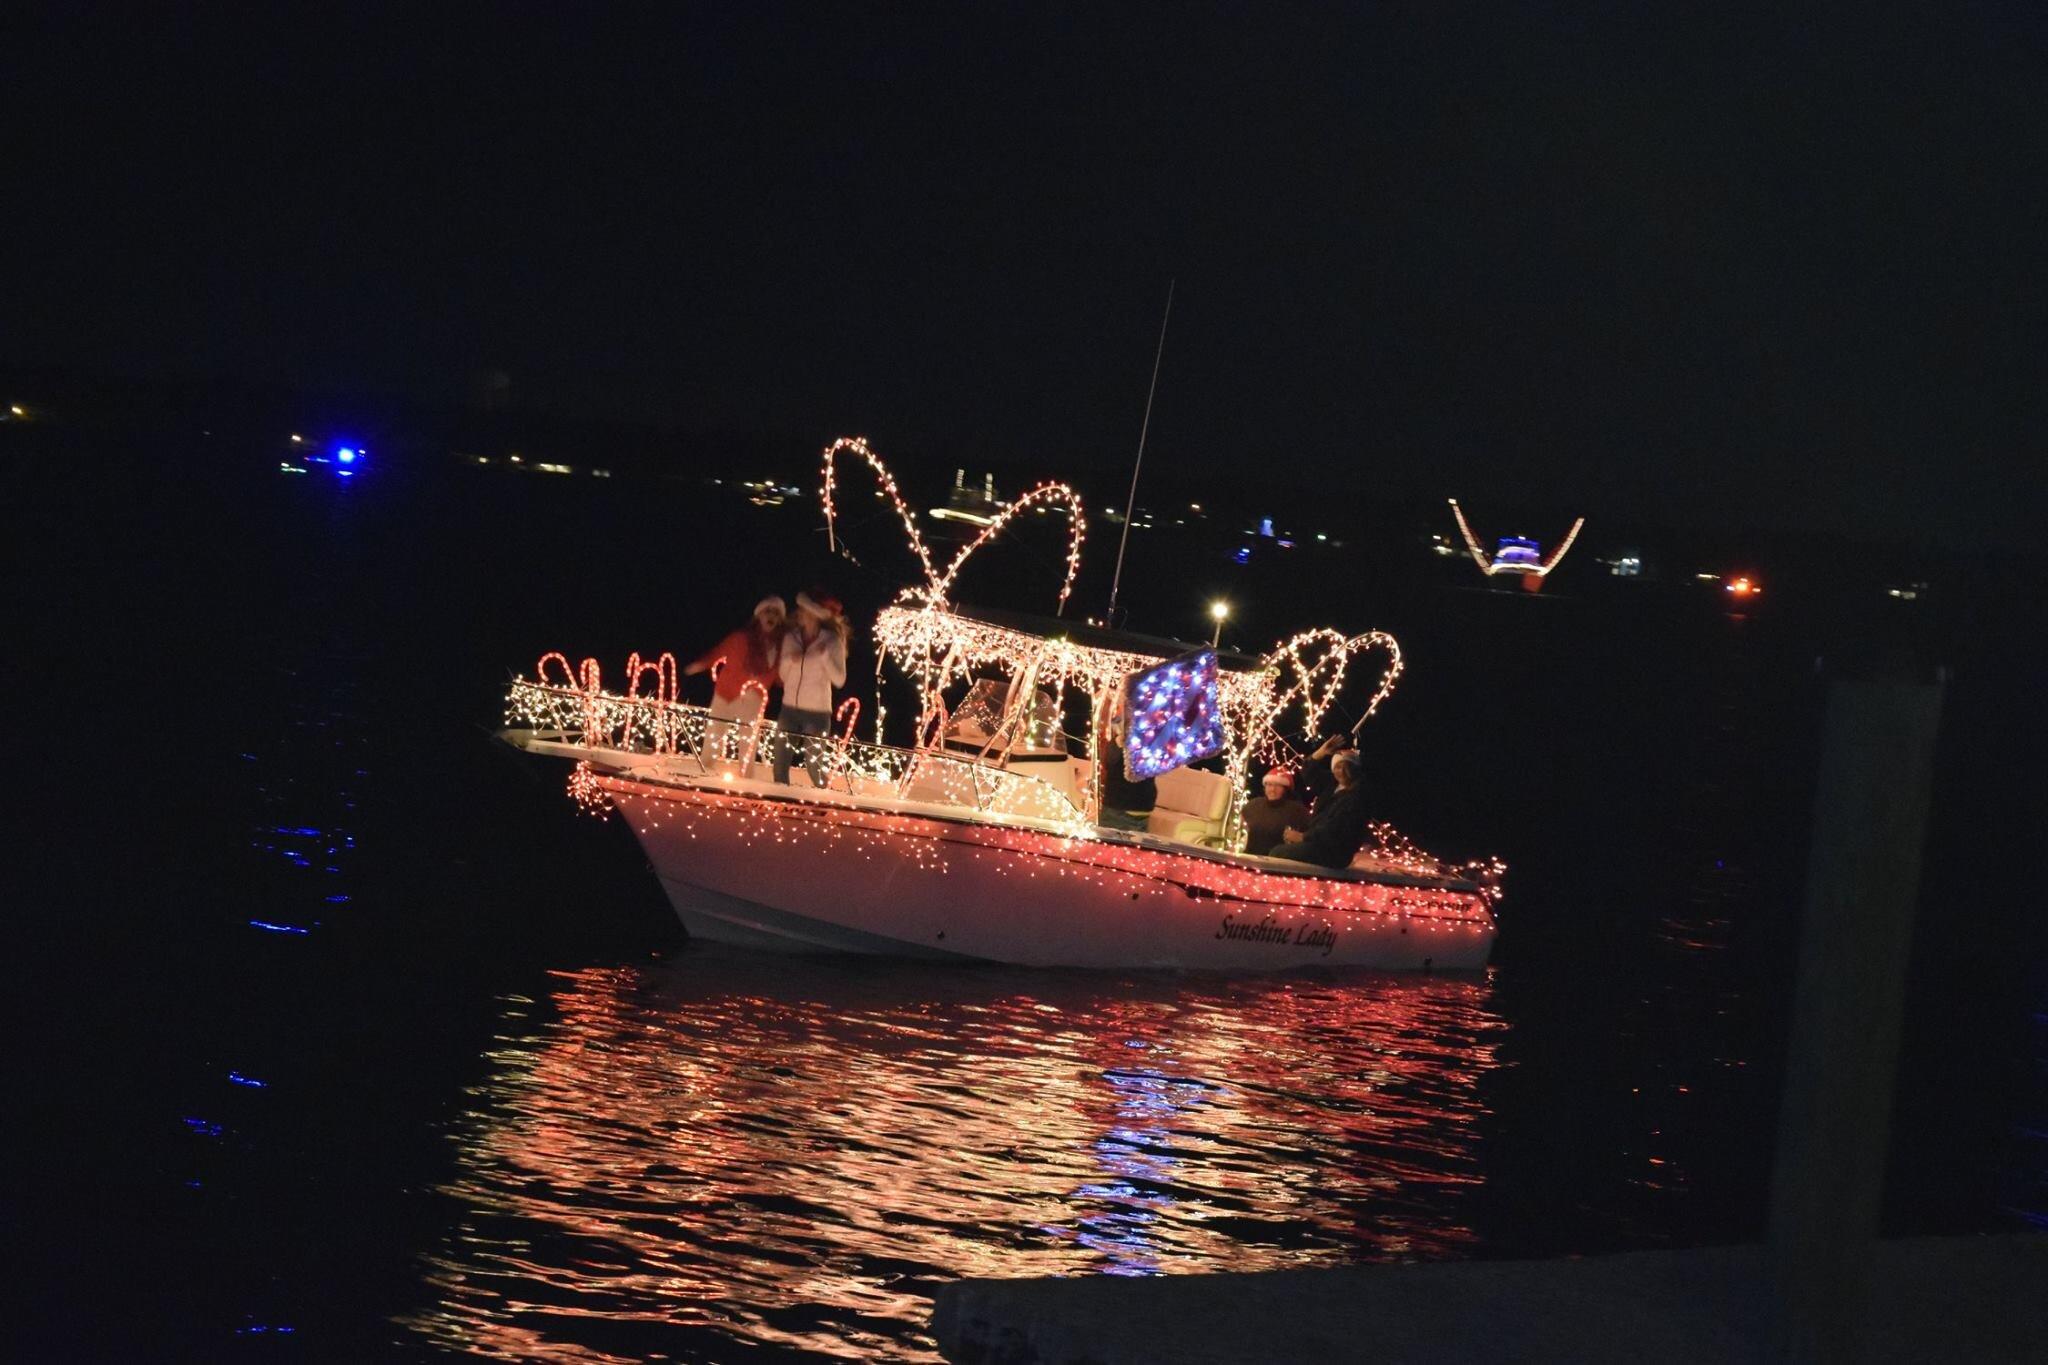 Dog River Christmas Boat Parade 2021 Holiday Boat Parade